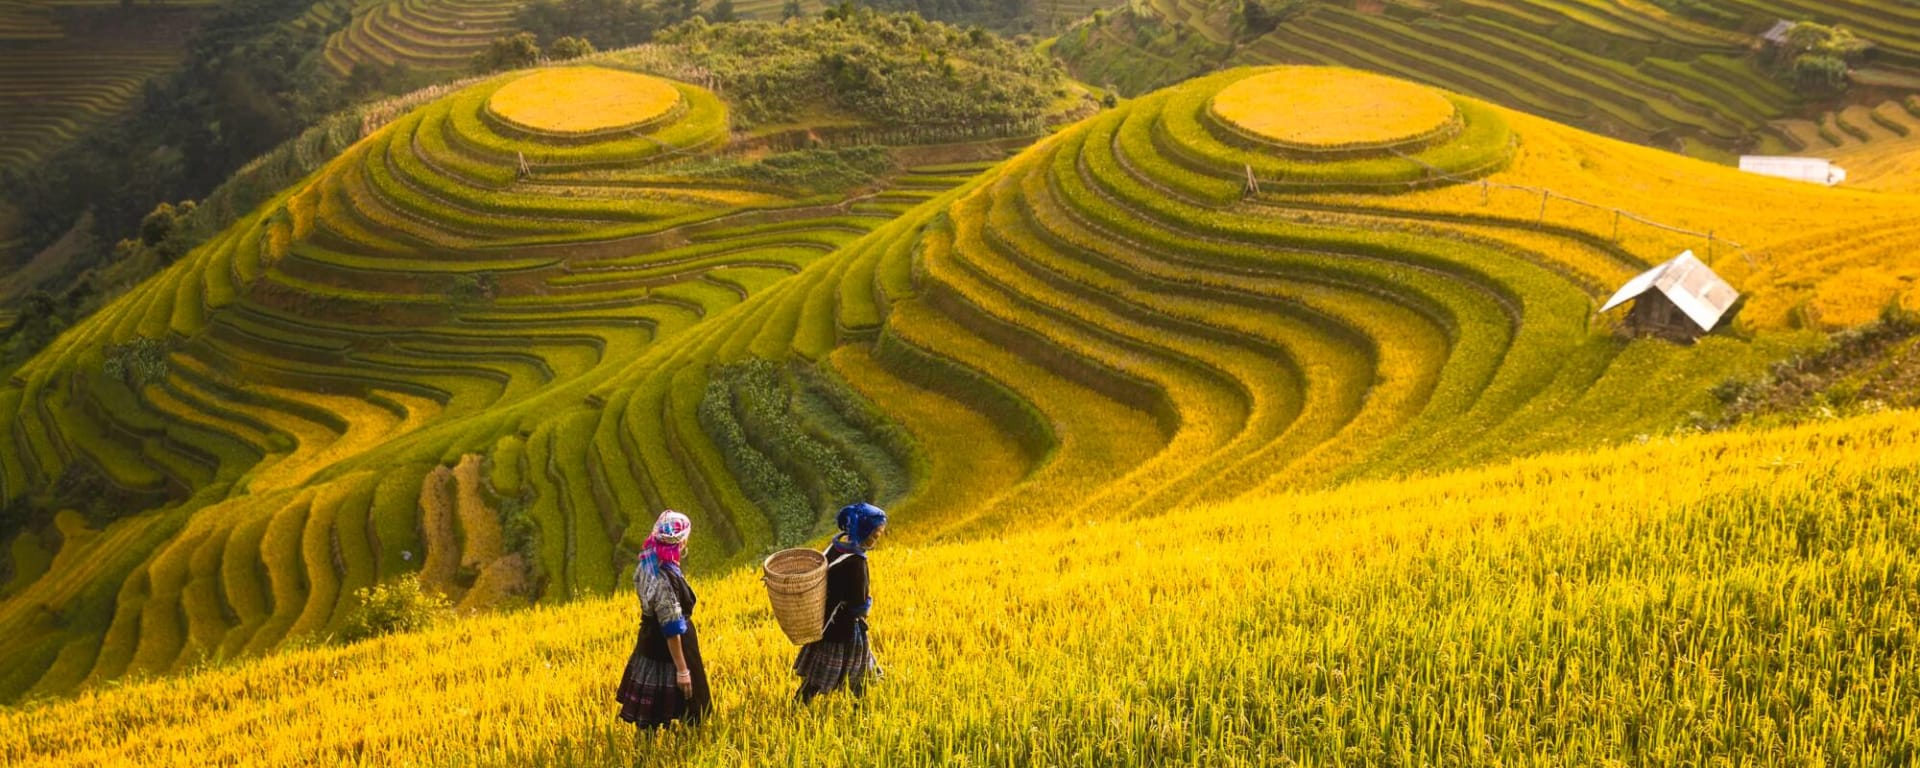 Vietnam entdecken mit Tischler Reisen: Vietnam Reisterrassen Sapa